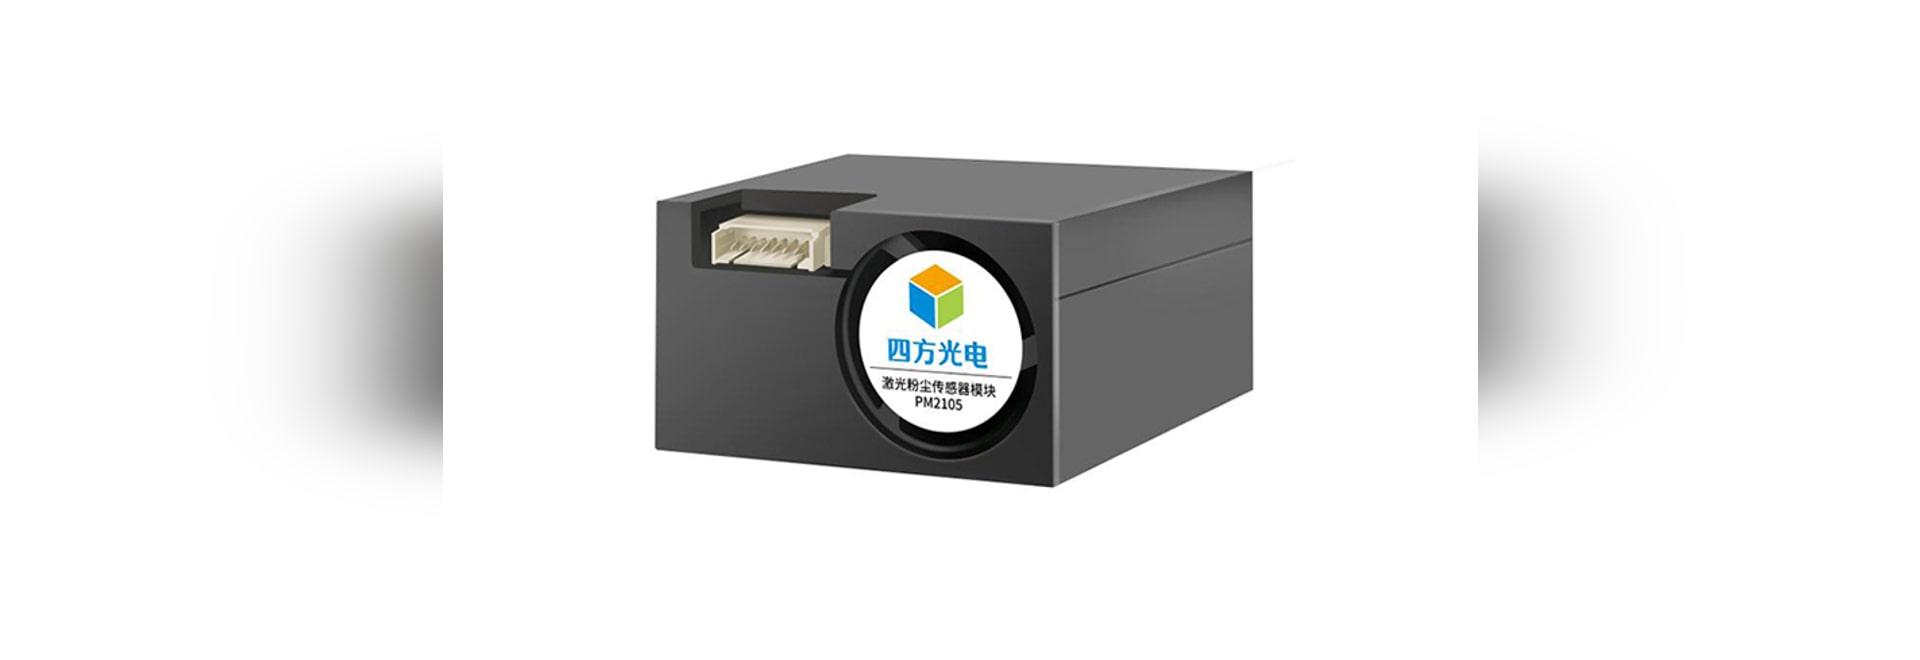 Nouveau capteur PM2105 de particules de laser de libération